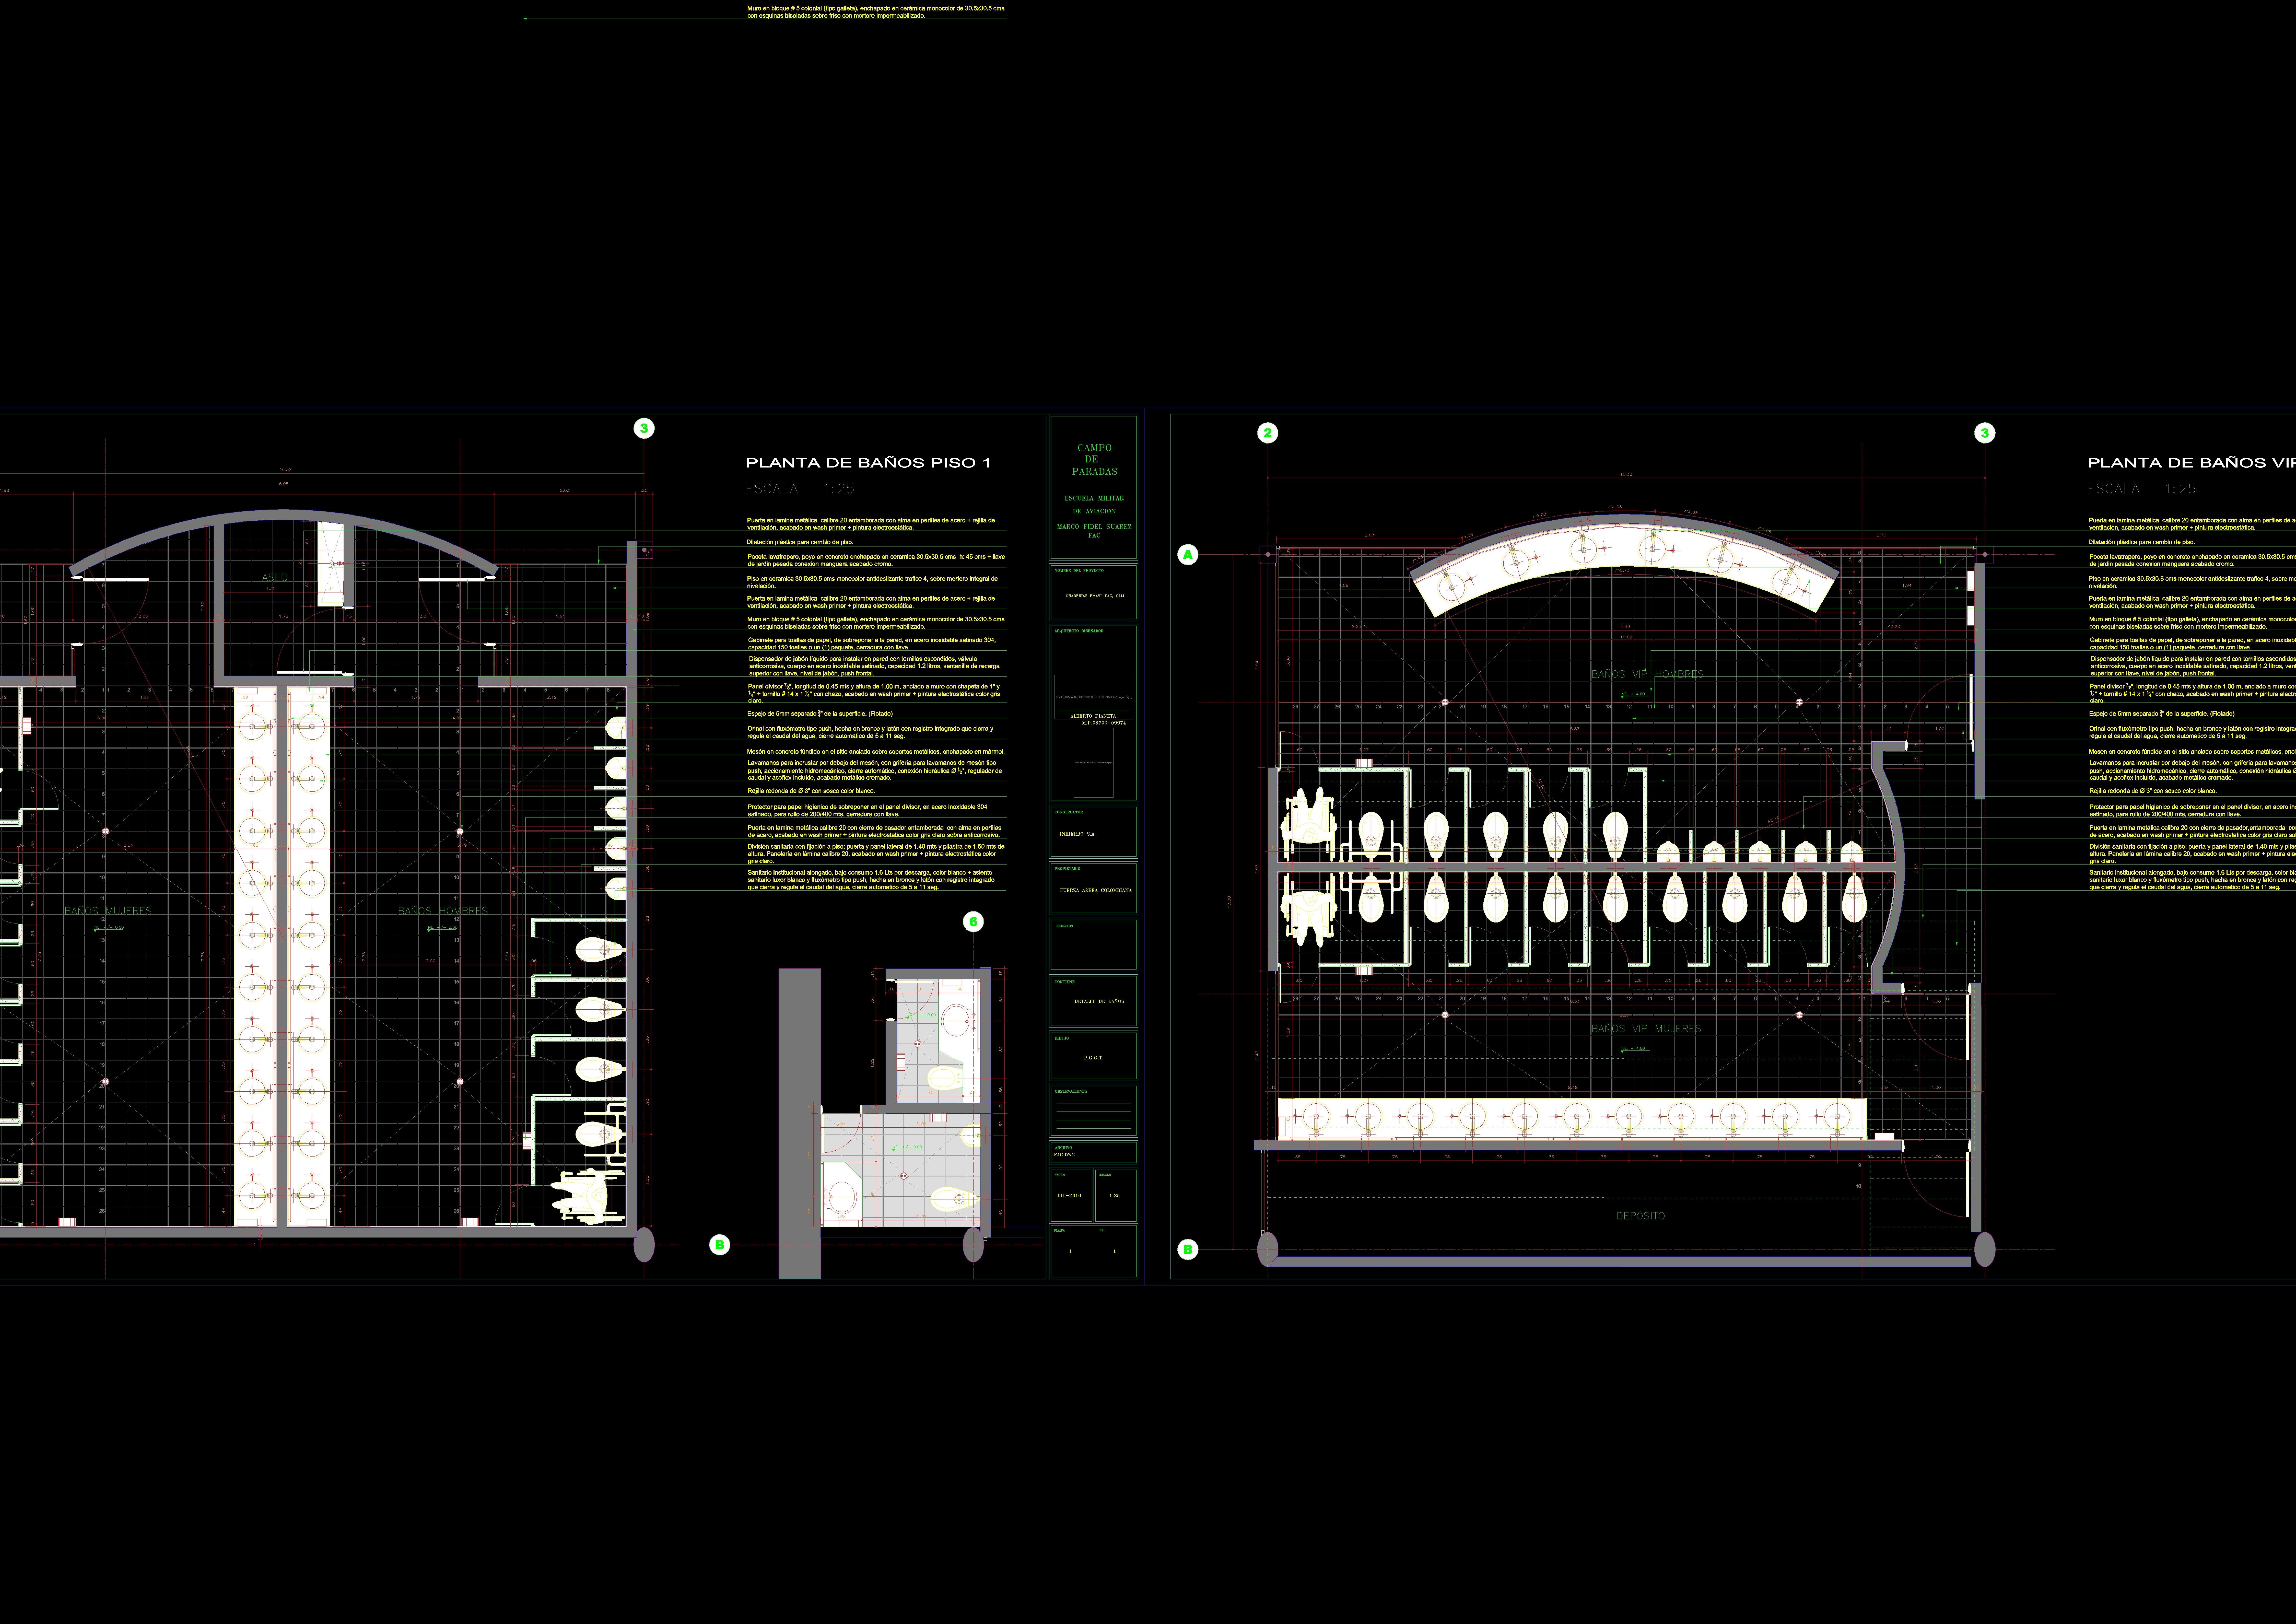 Descarga gratis ba os de un colegio en detalle planos y bloques en autocad sobre arquitectura - Bloques autocad banos ...